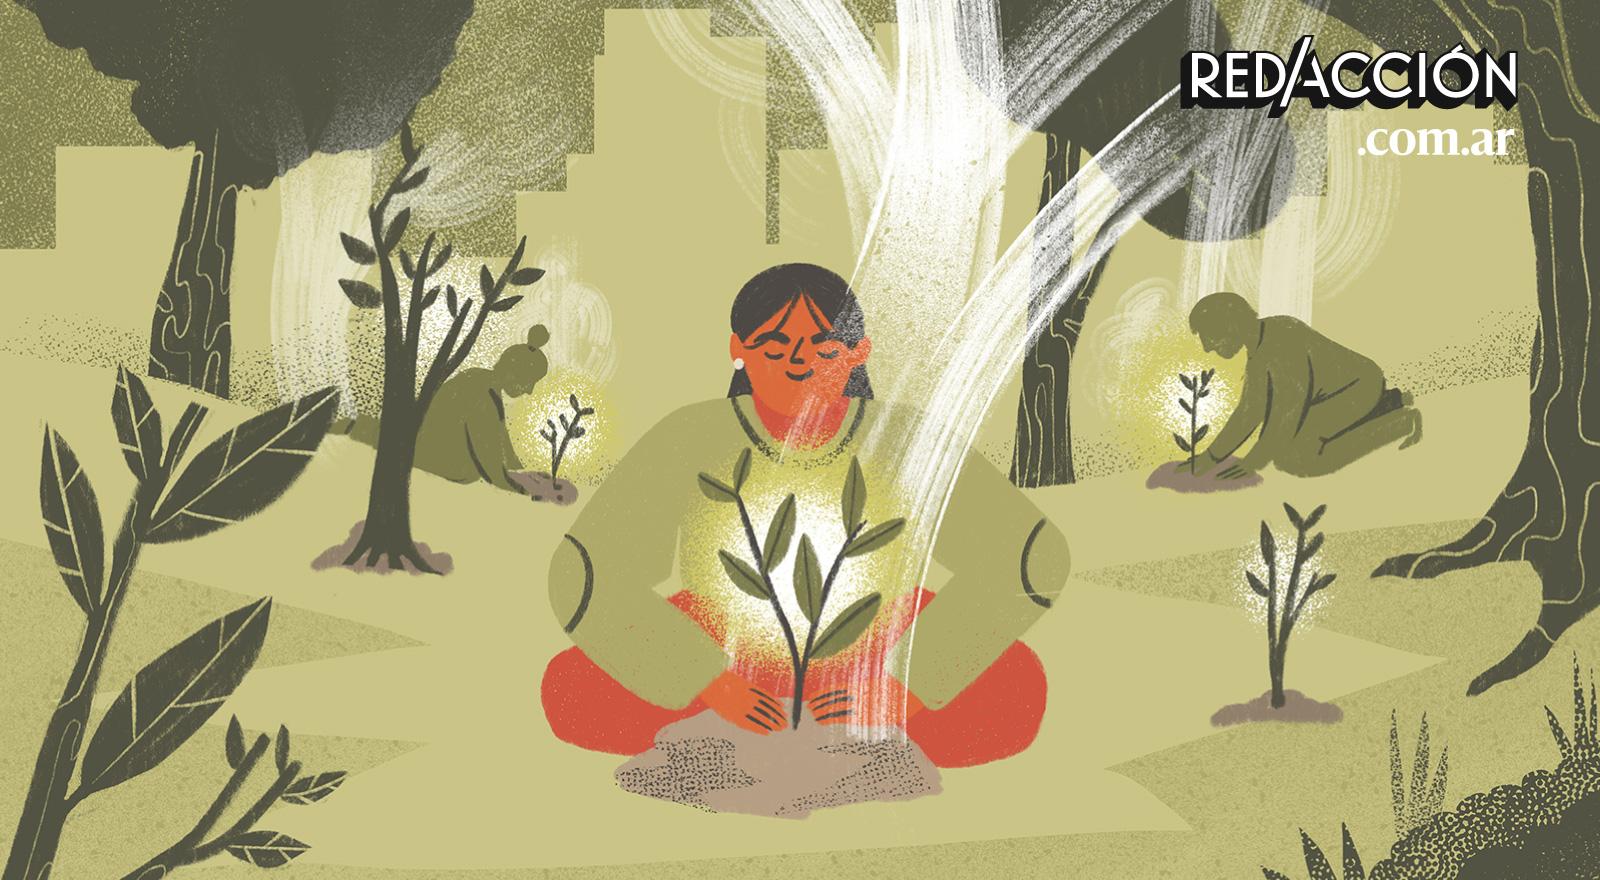 Campaña del mes: llenemos de bosques, vida y esperanza el planeta